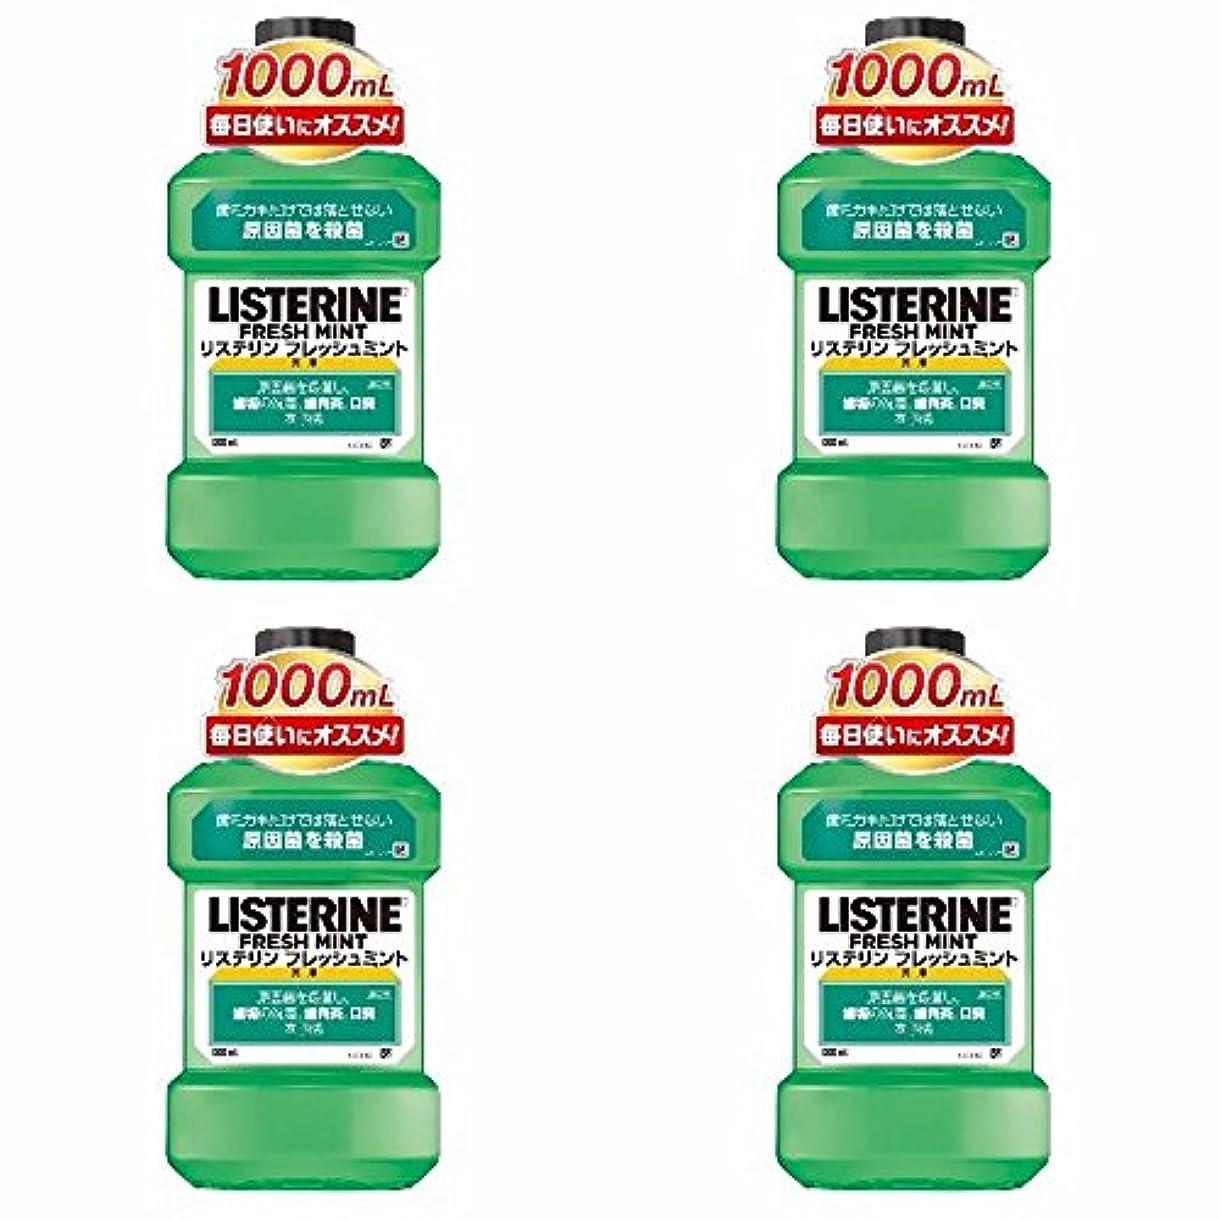 準備したダイエット消去【まとめ買い】薬用 LISTERINE リステリン フレッシュミント 1000ml×4個